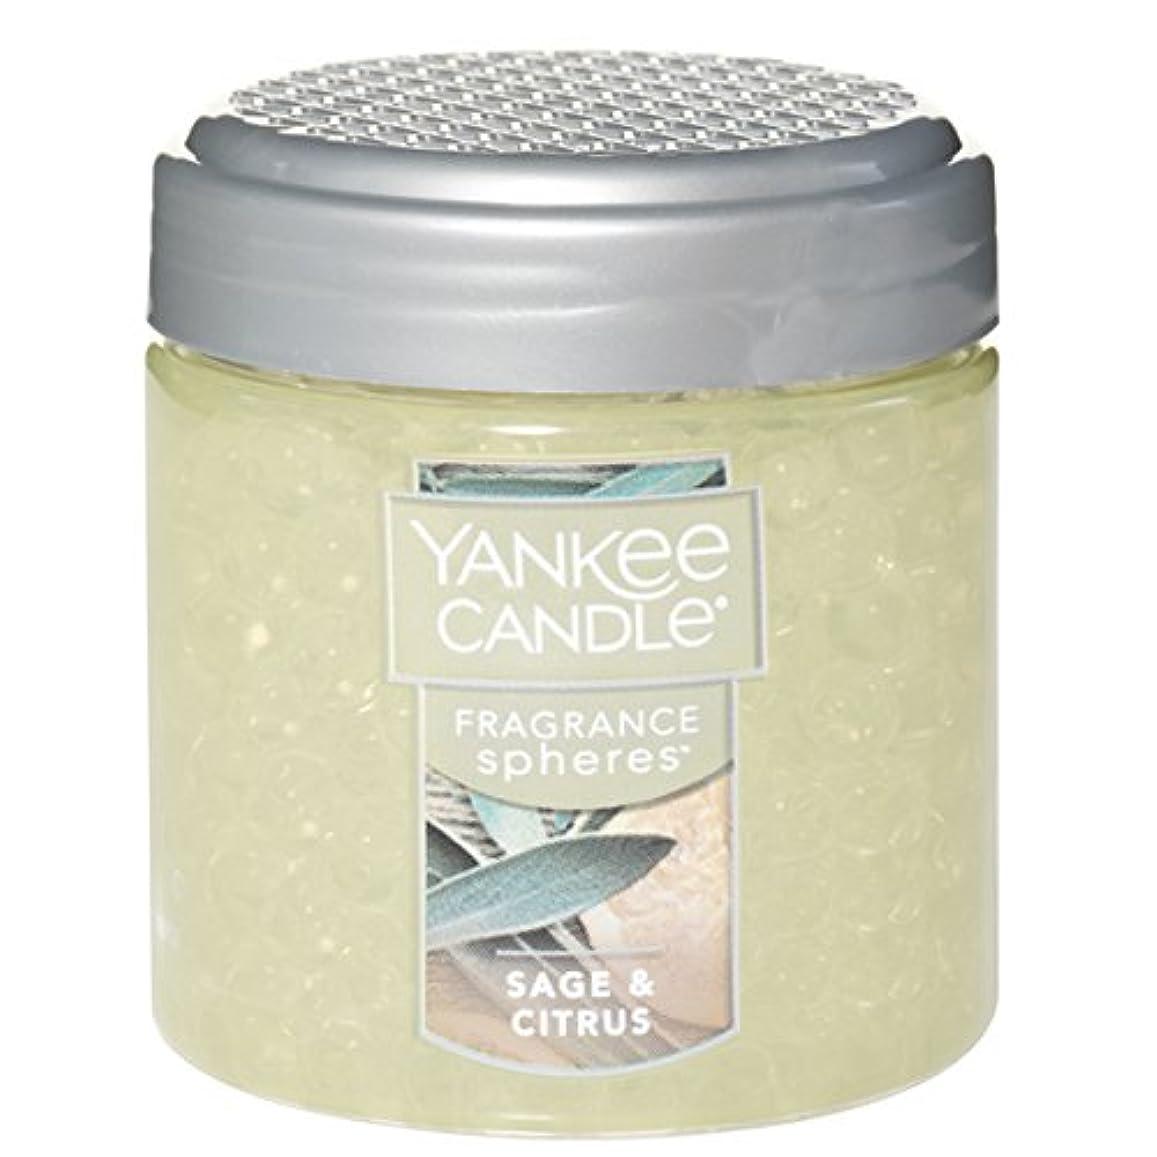 株式会社飲み込む学士YANKEE CANDLE ヤンキーキャンドル フレグランスビーズ セージシトラス(お部屋の芳香剤)